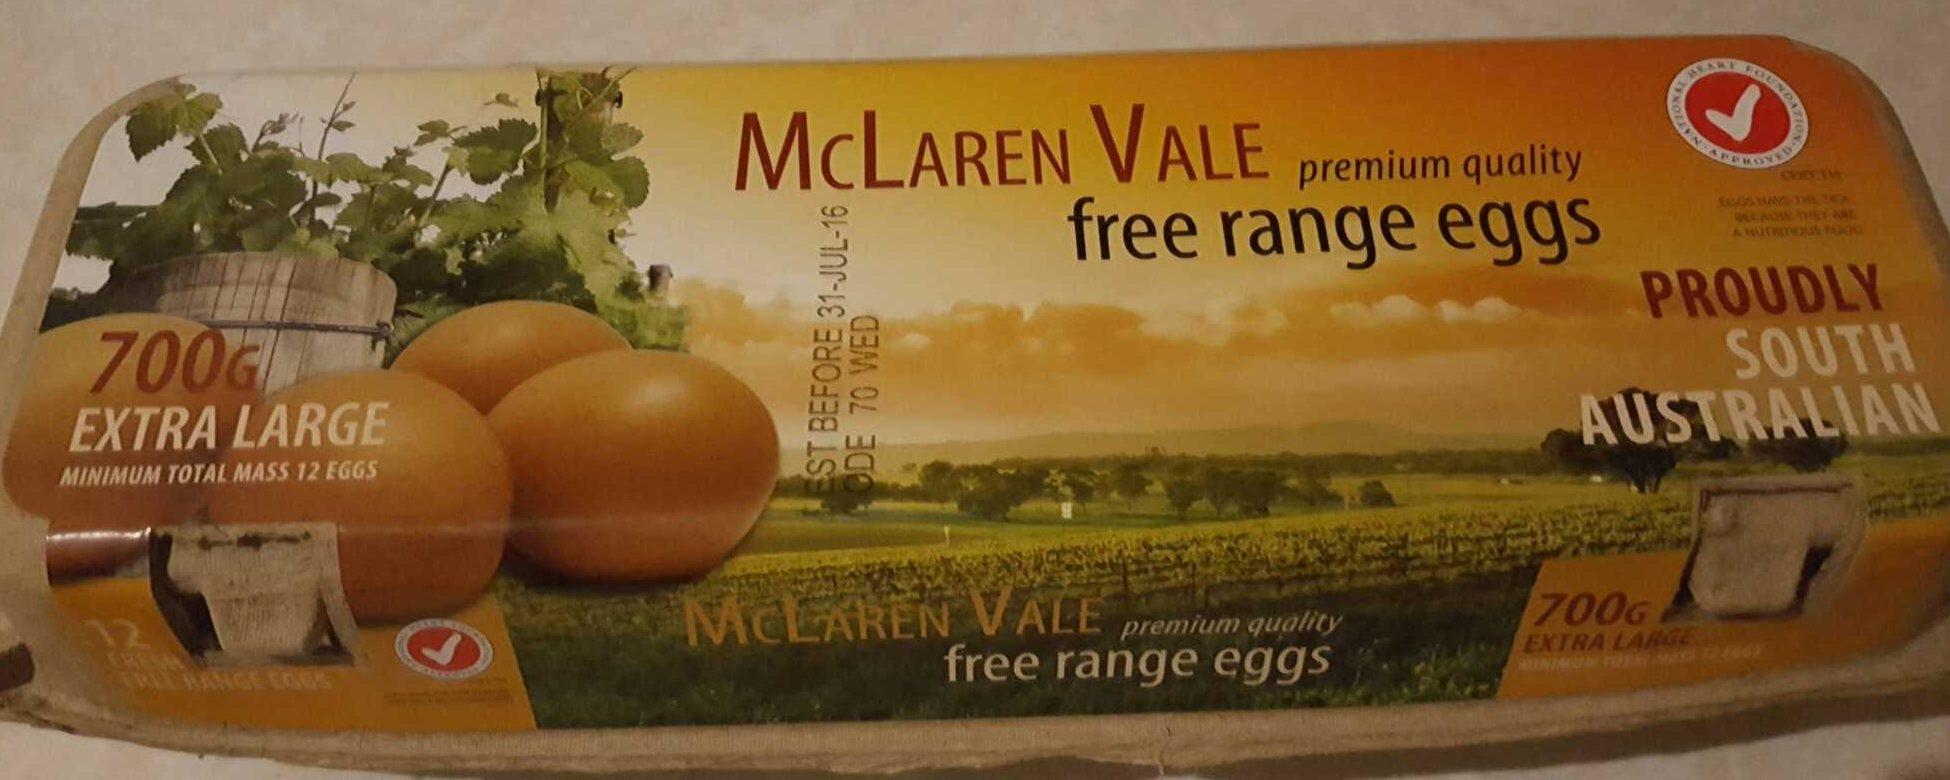 McLaren Vale Free Range Eggs - Product - en